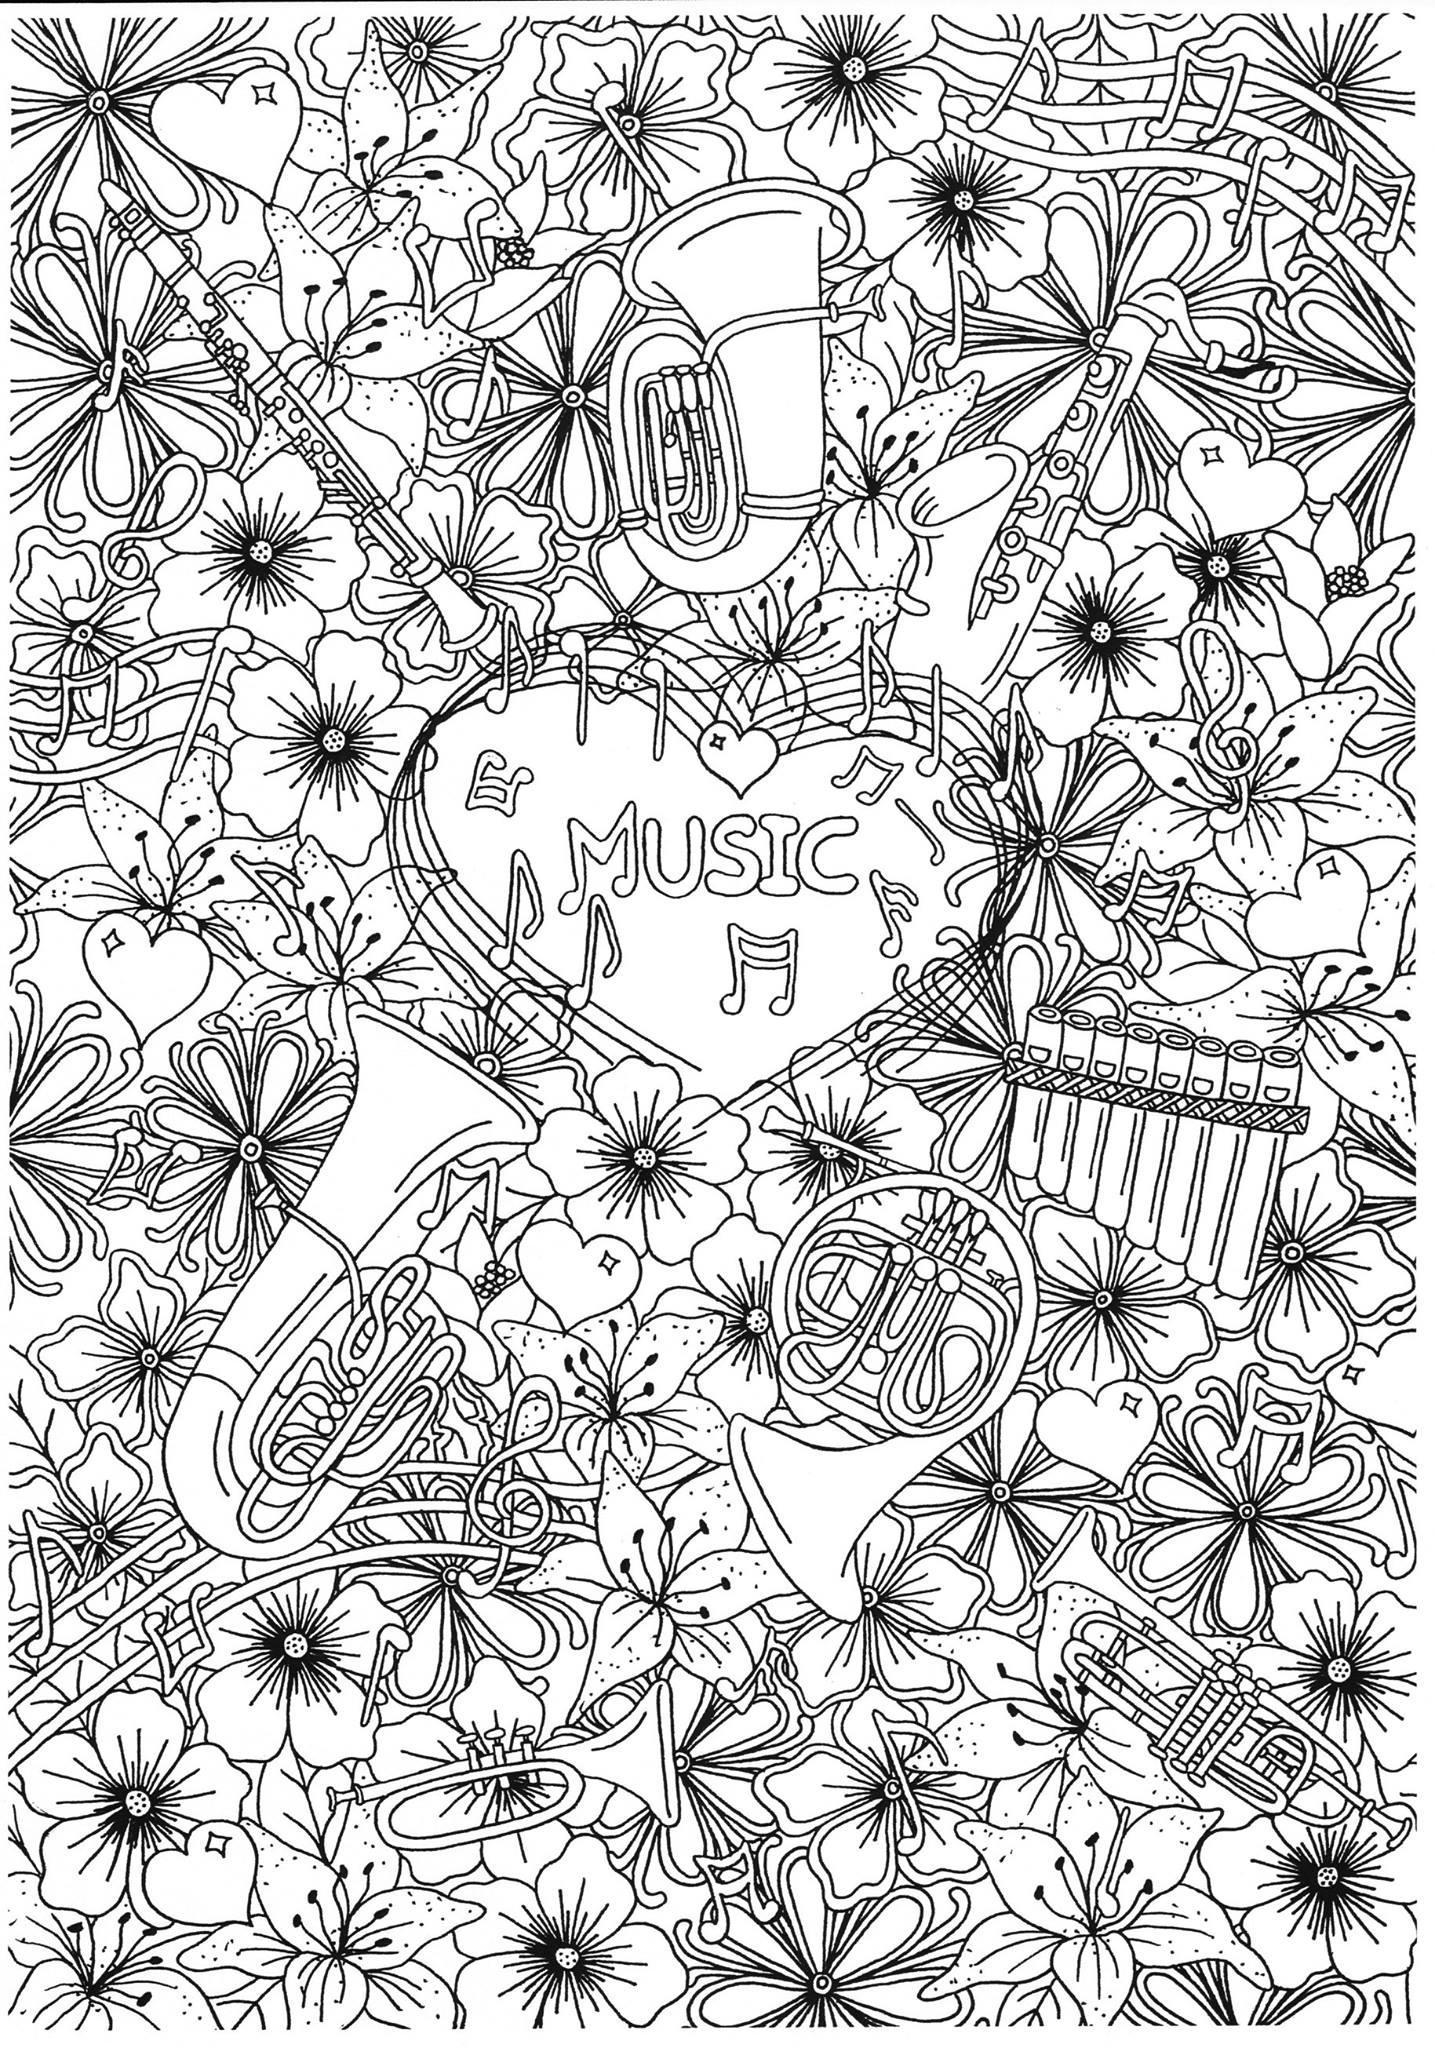 malvorlage musikblasinstrumente  kostenlose ausmalbilder